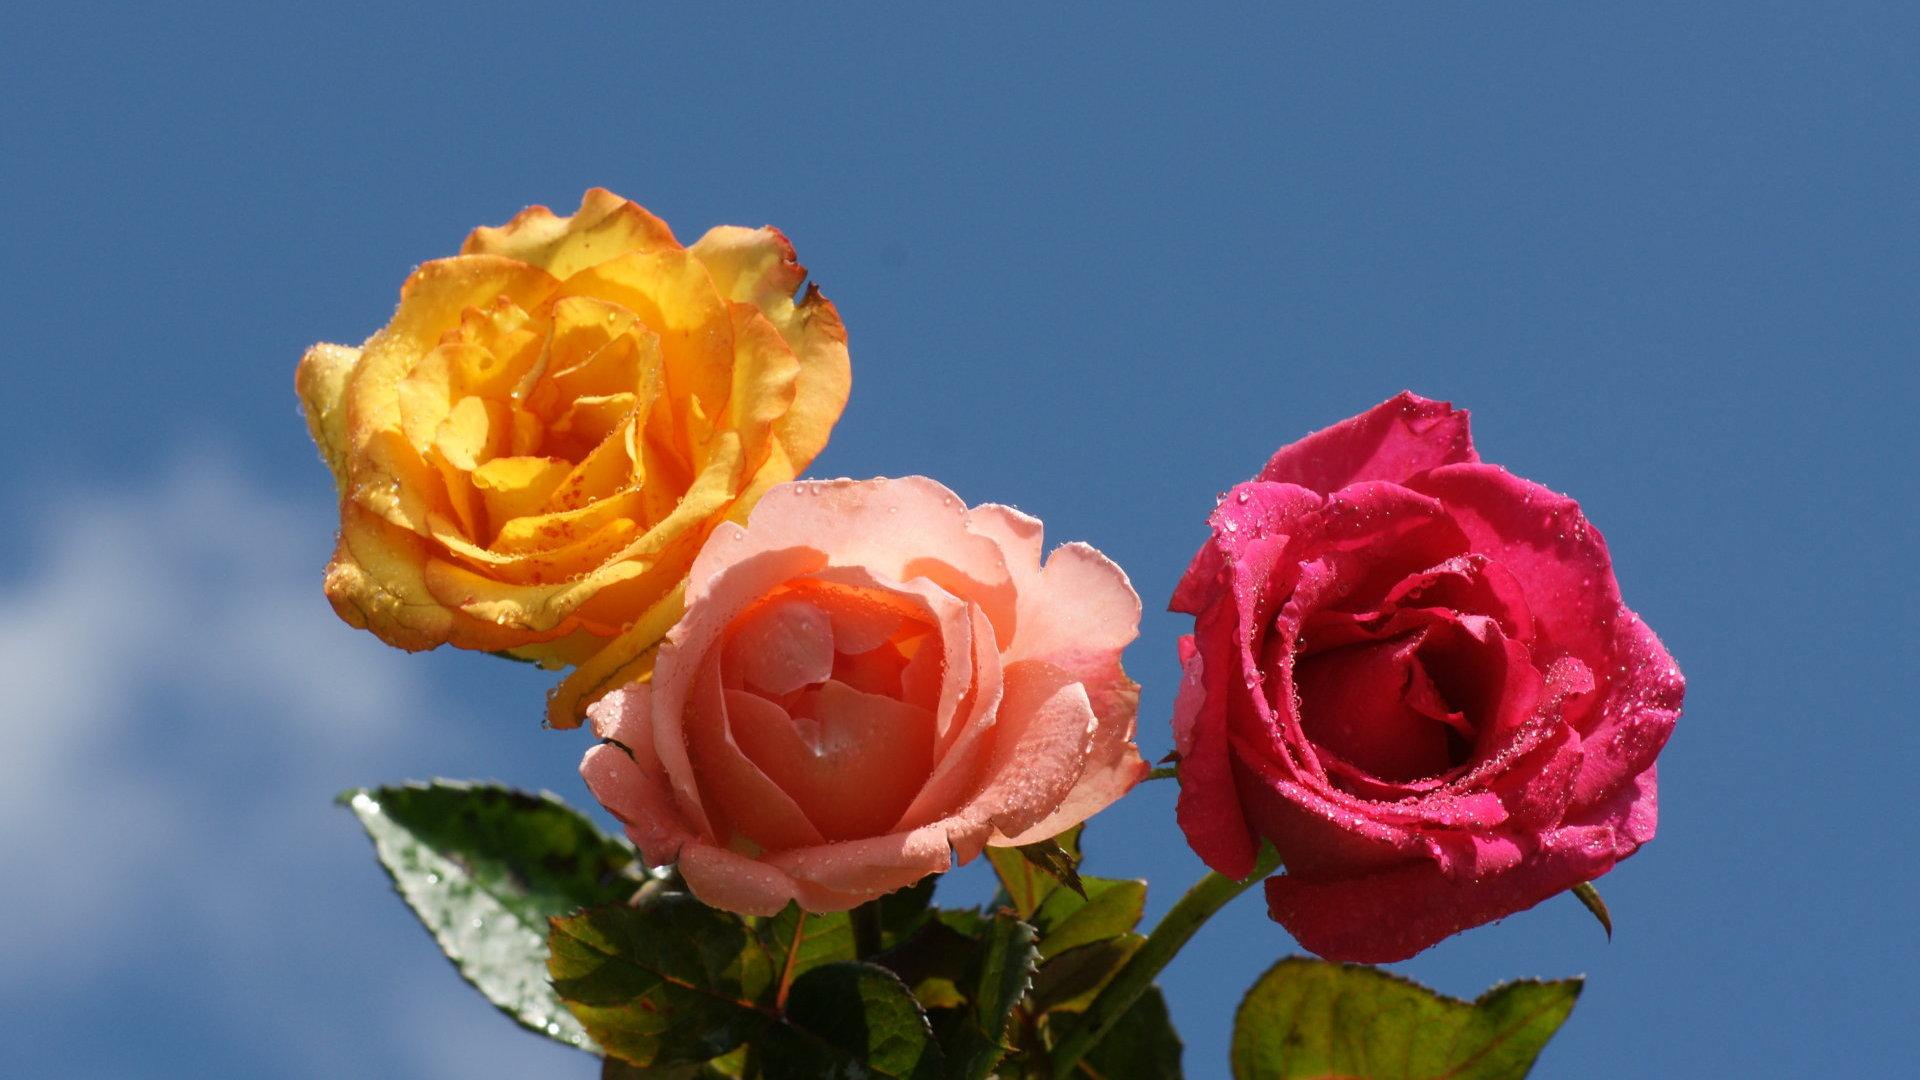 1920x1080px rose screensavers wallpaper wallpapersafari - Rose screensaver ...